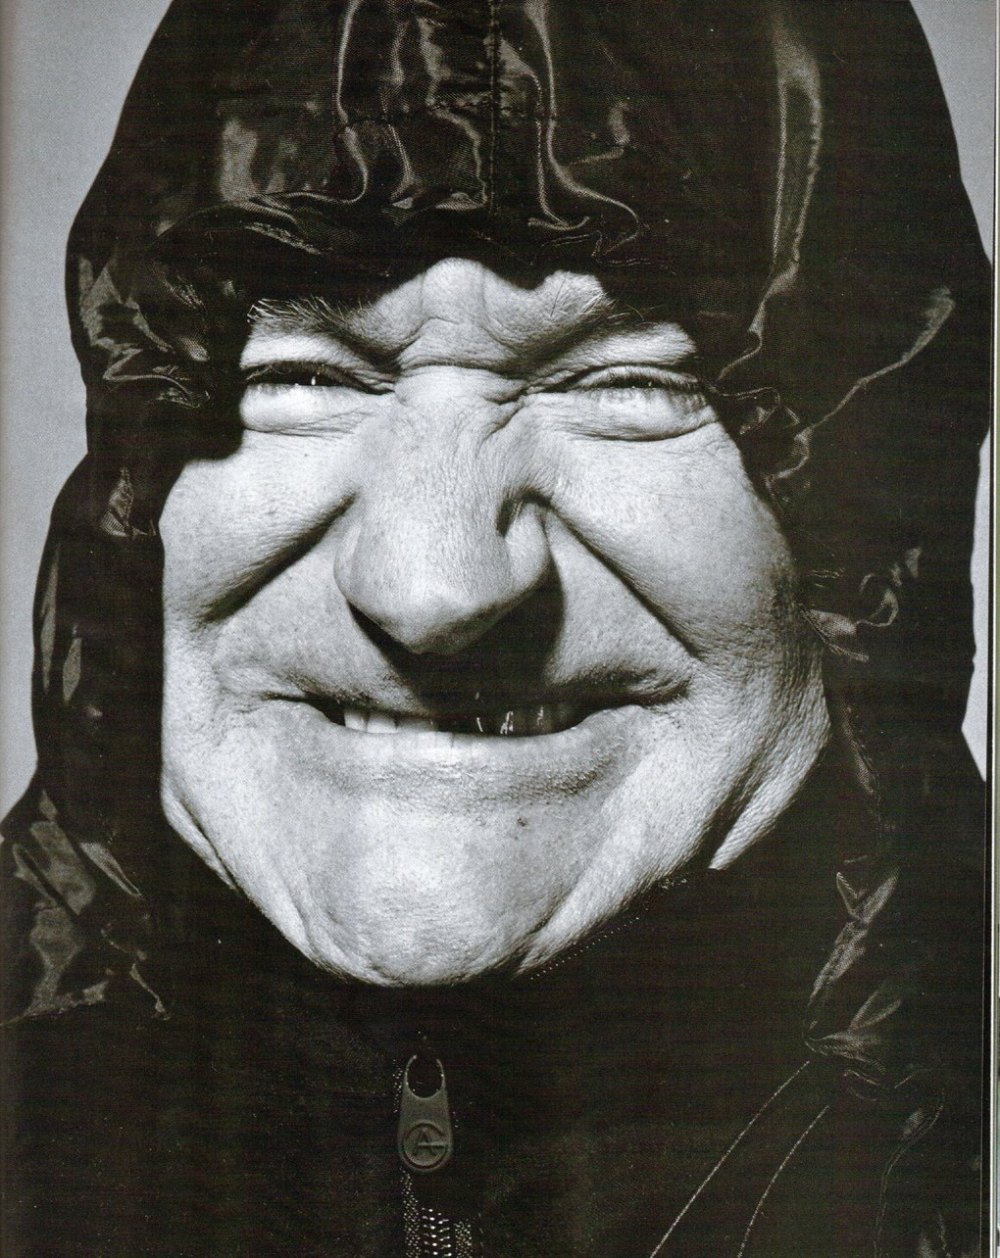 Robin-Williams-robin-williams-91278_1020_1284